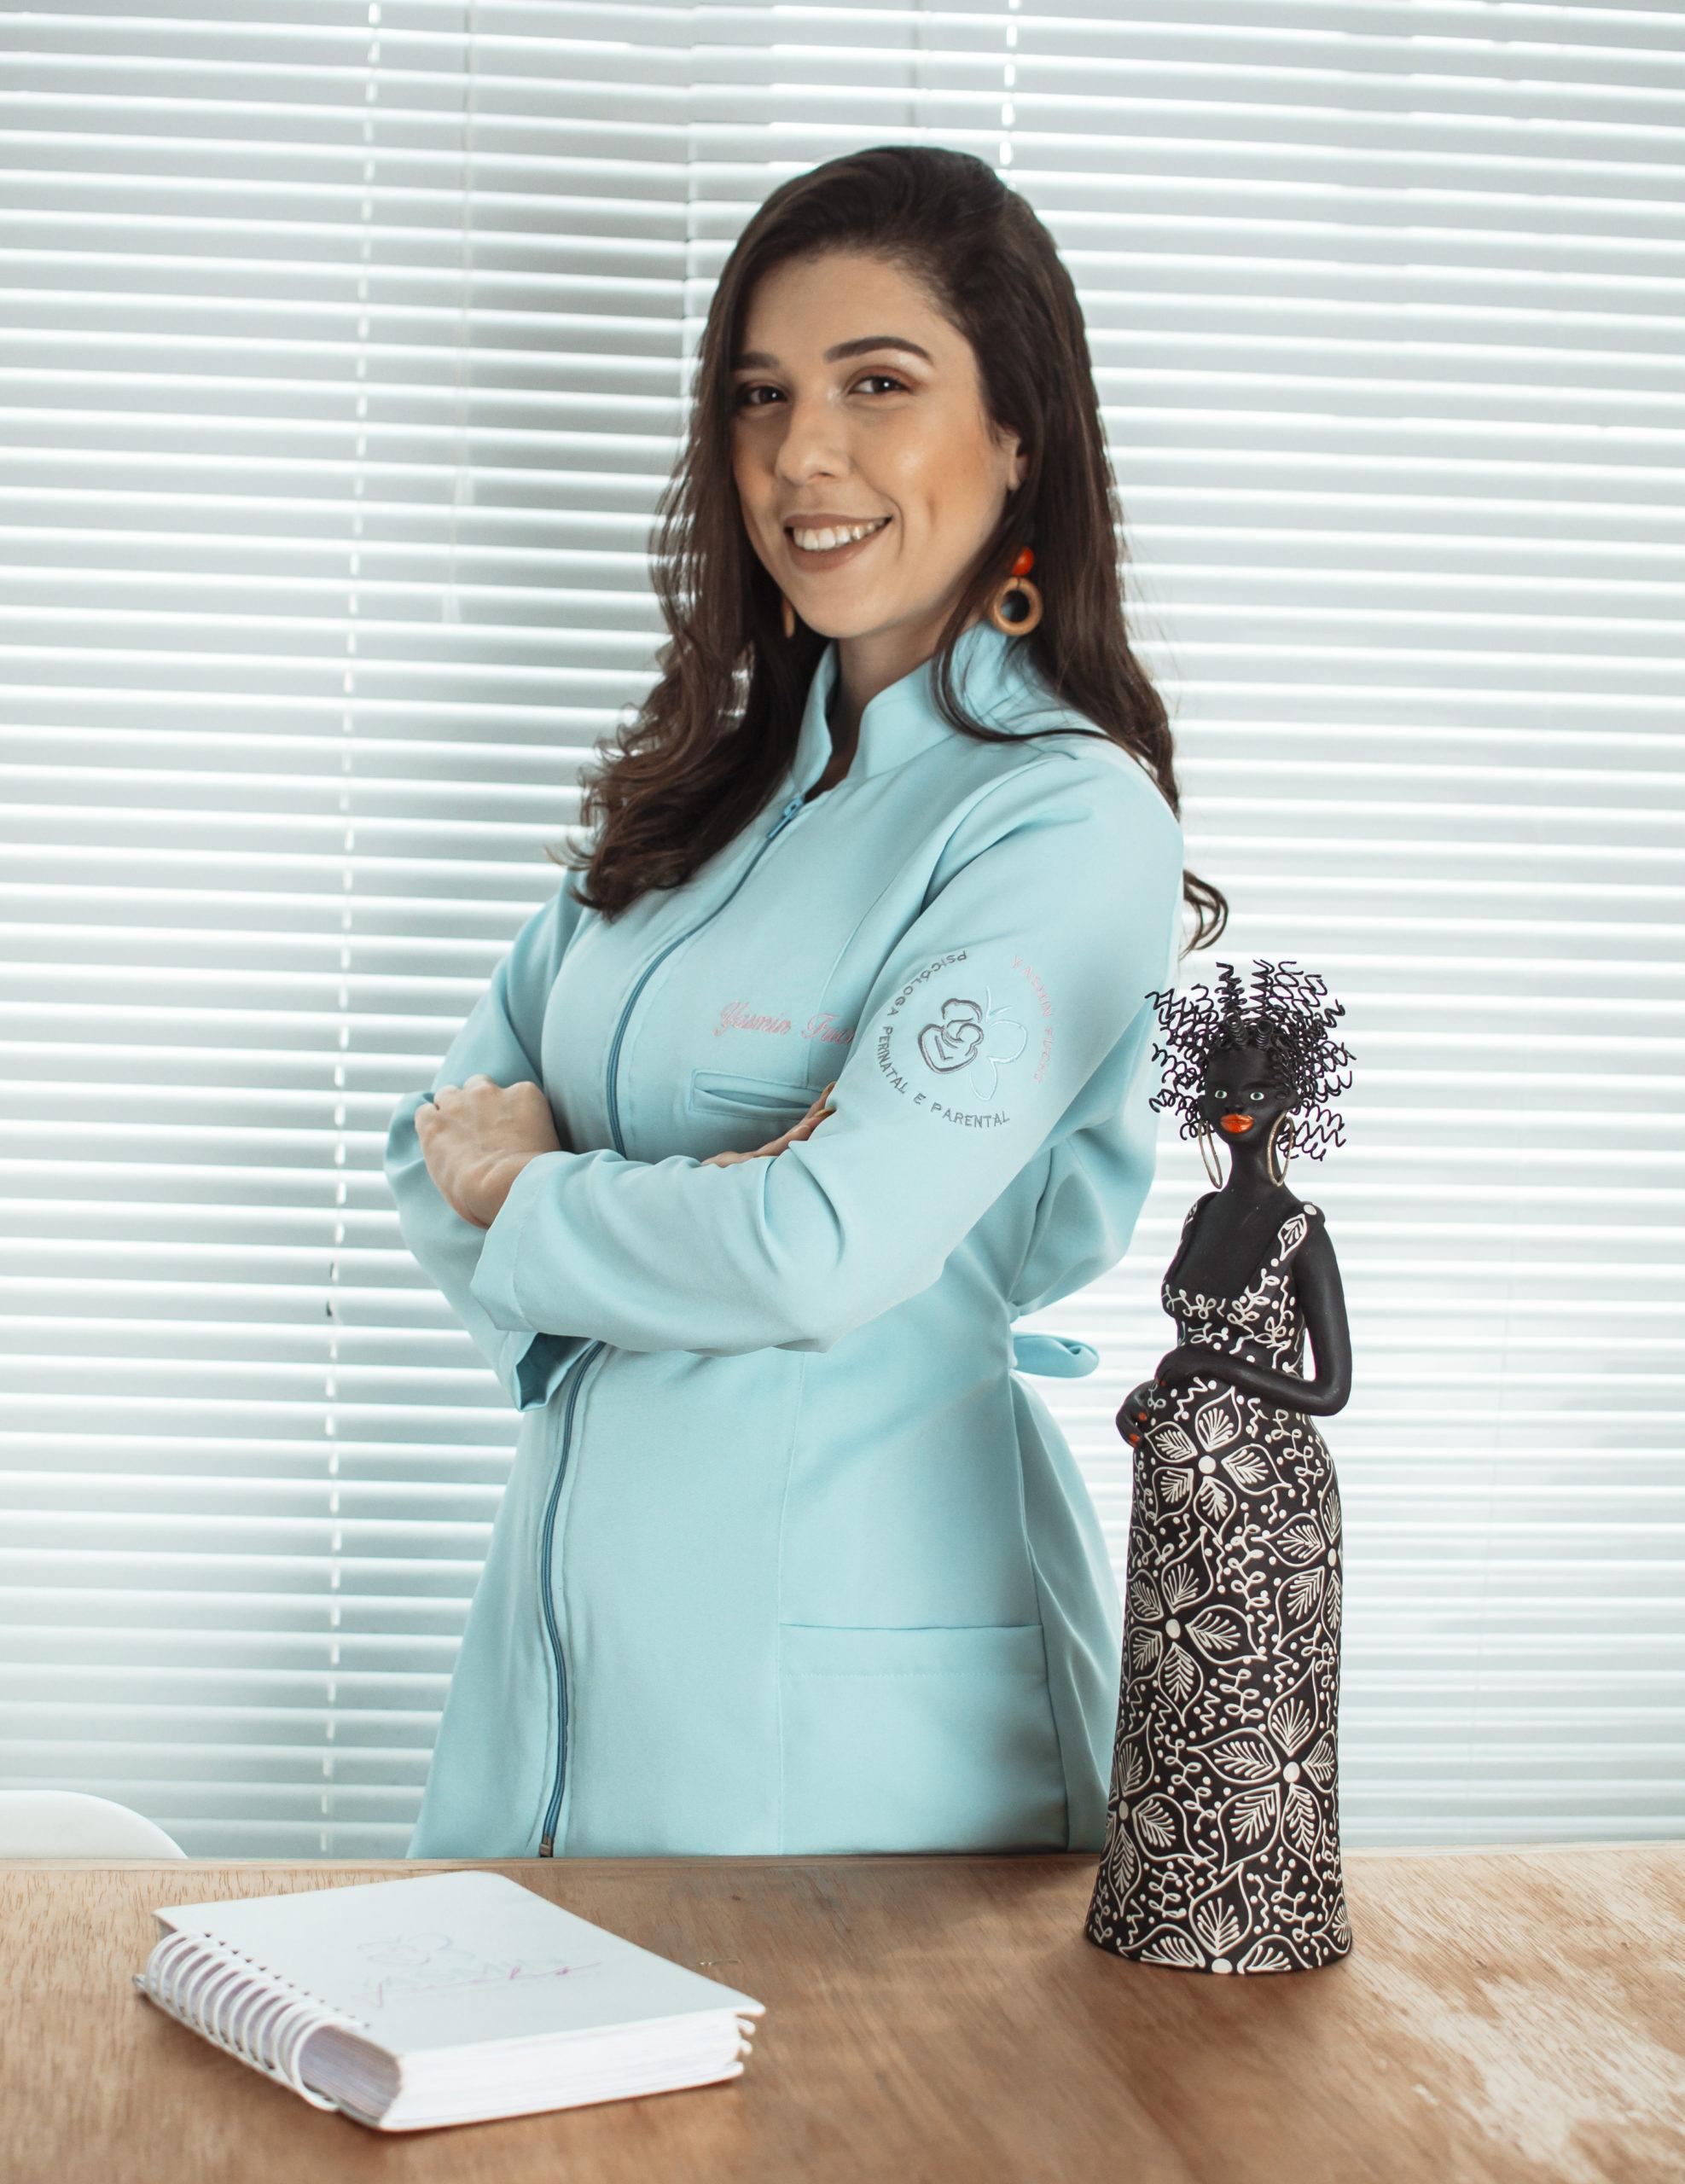 Yasmin Fuchs de Moraes